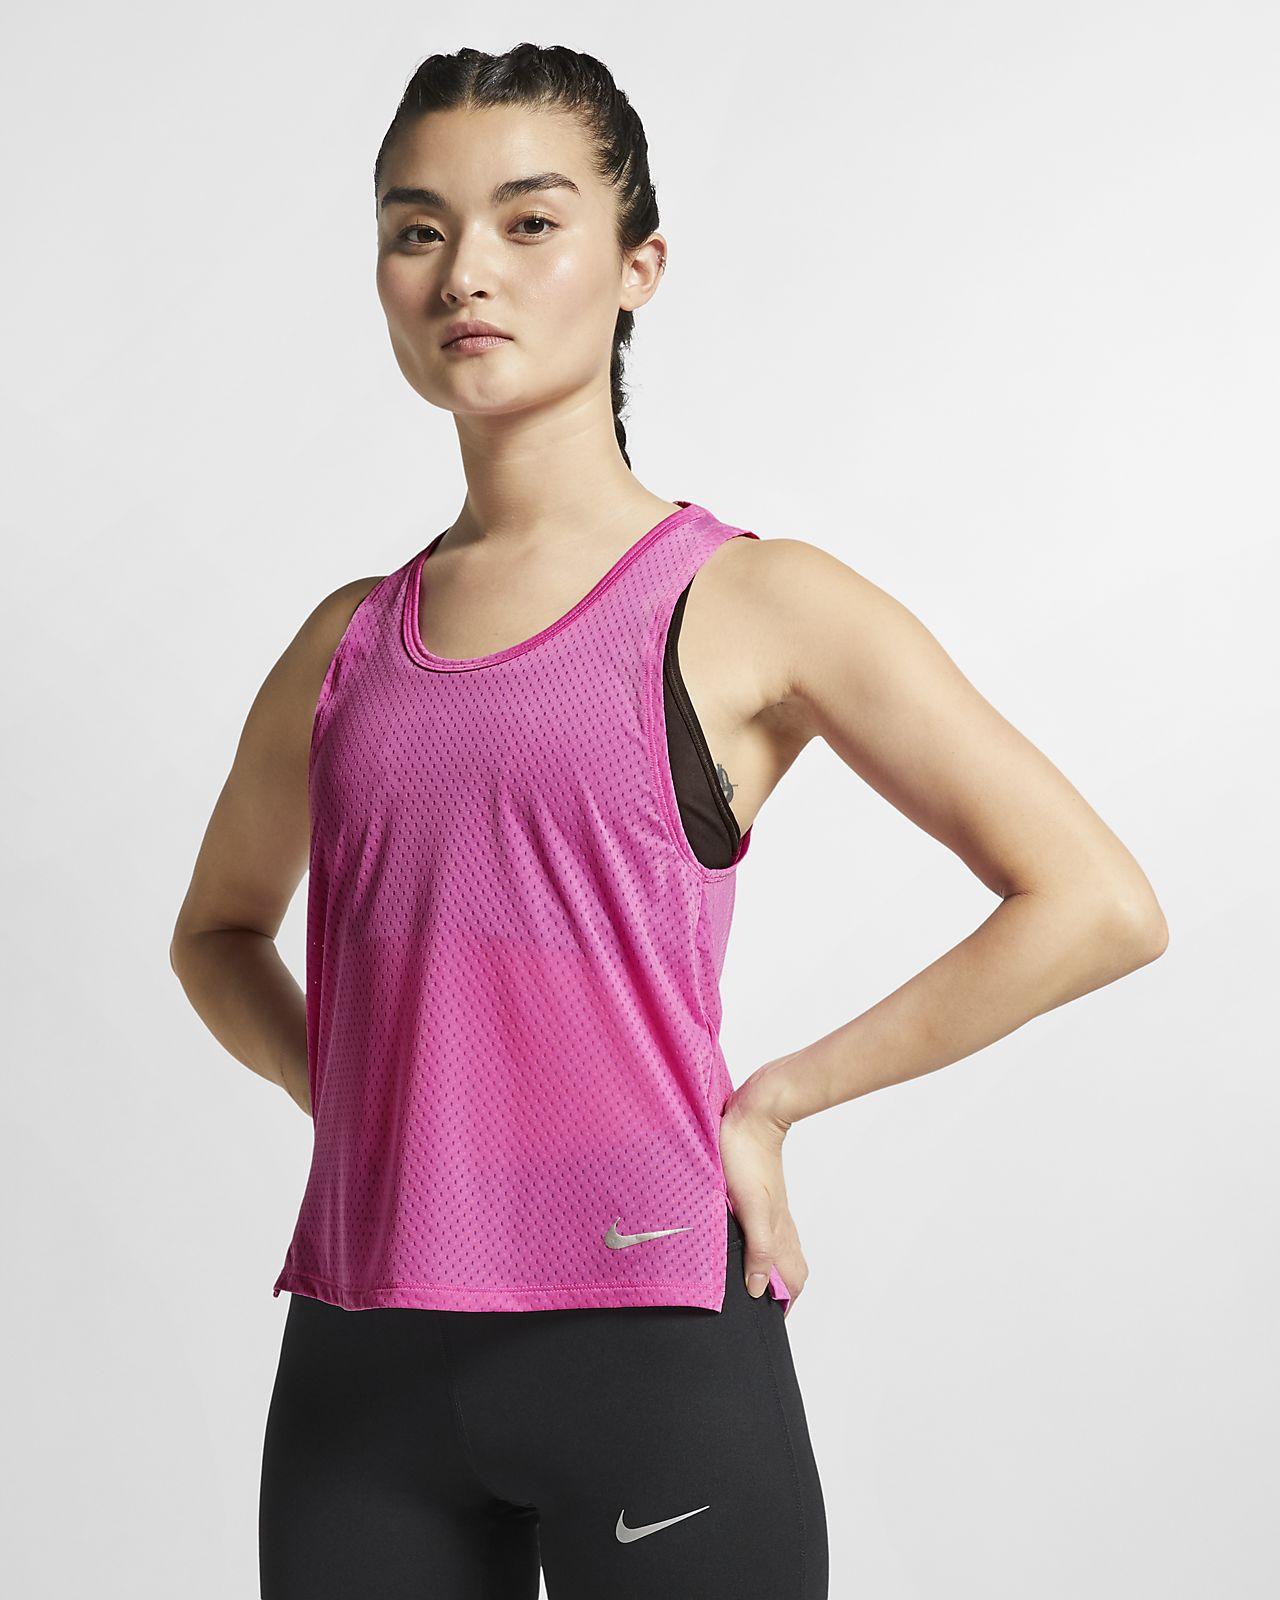 Nike Breathe Miler Women's Running Tank